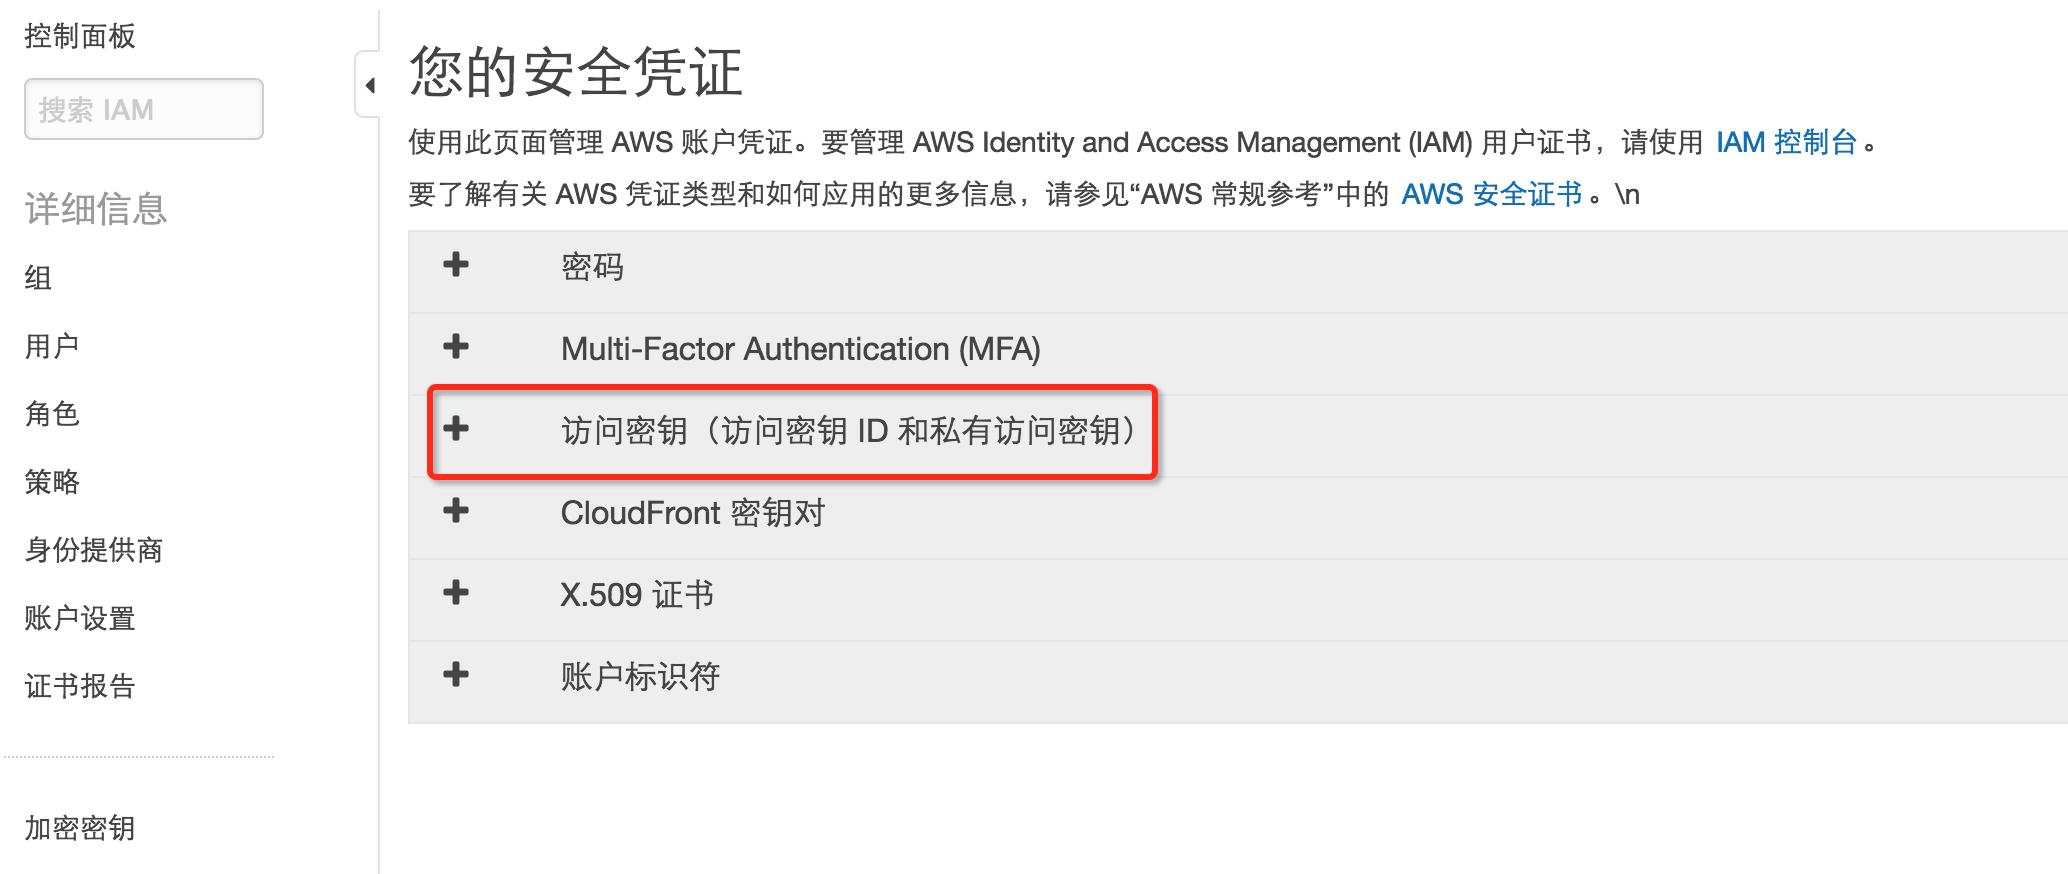 AWS S3 Java API | Sam小龙